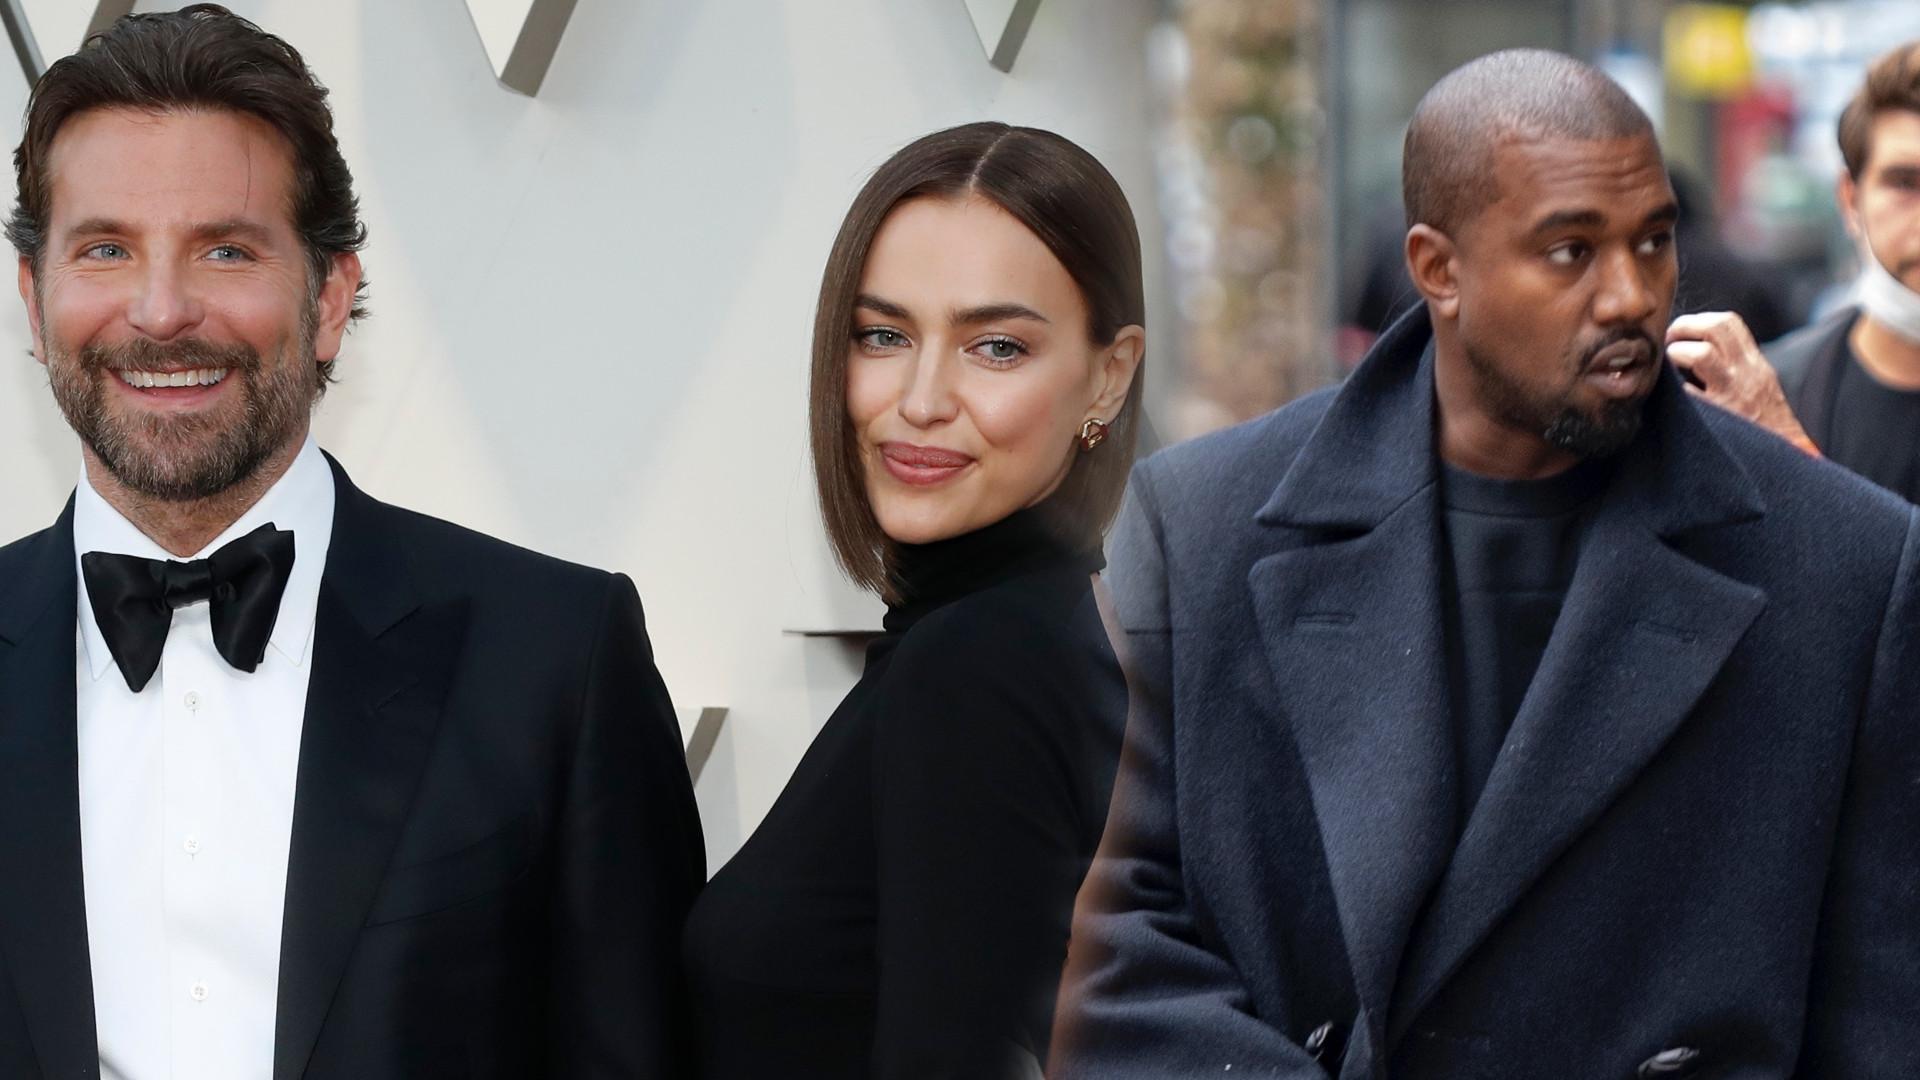 Jest reakcja Bradleya Coopera na związek Iriny z Kanye Westem